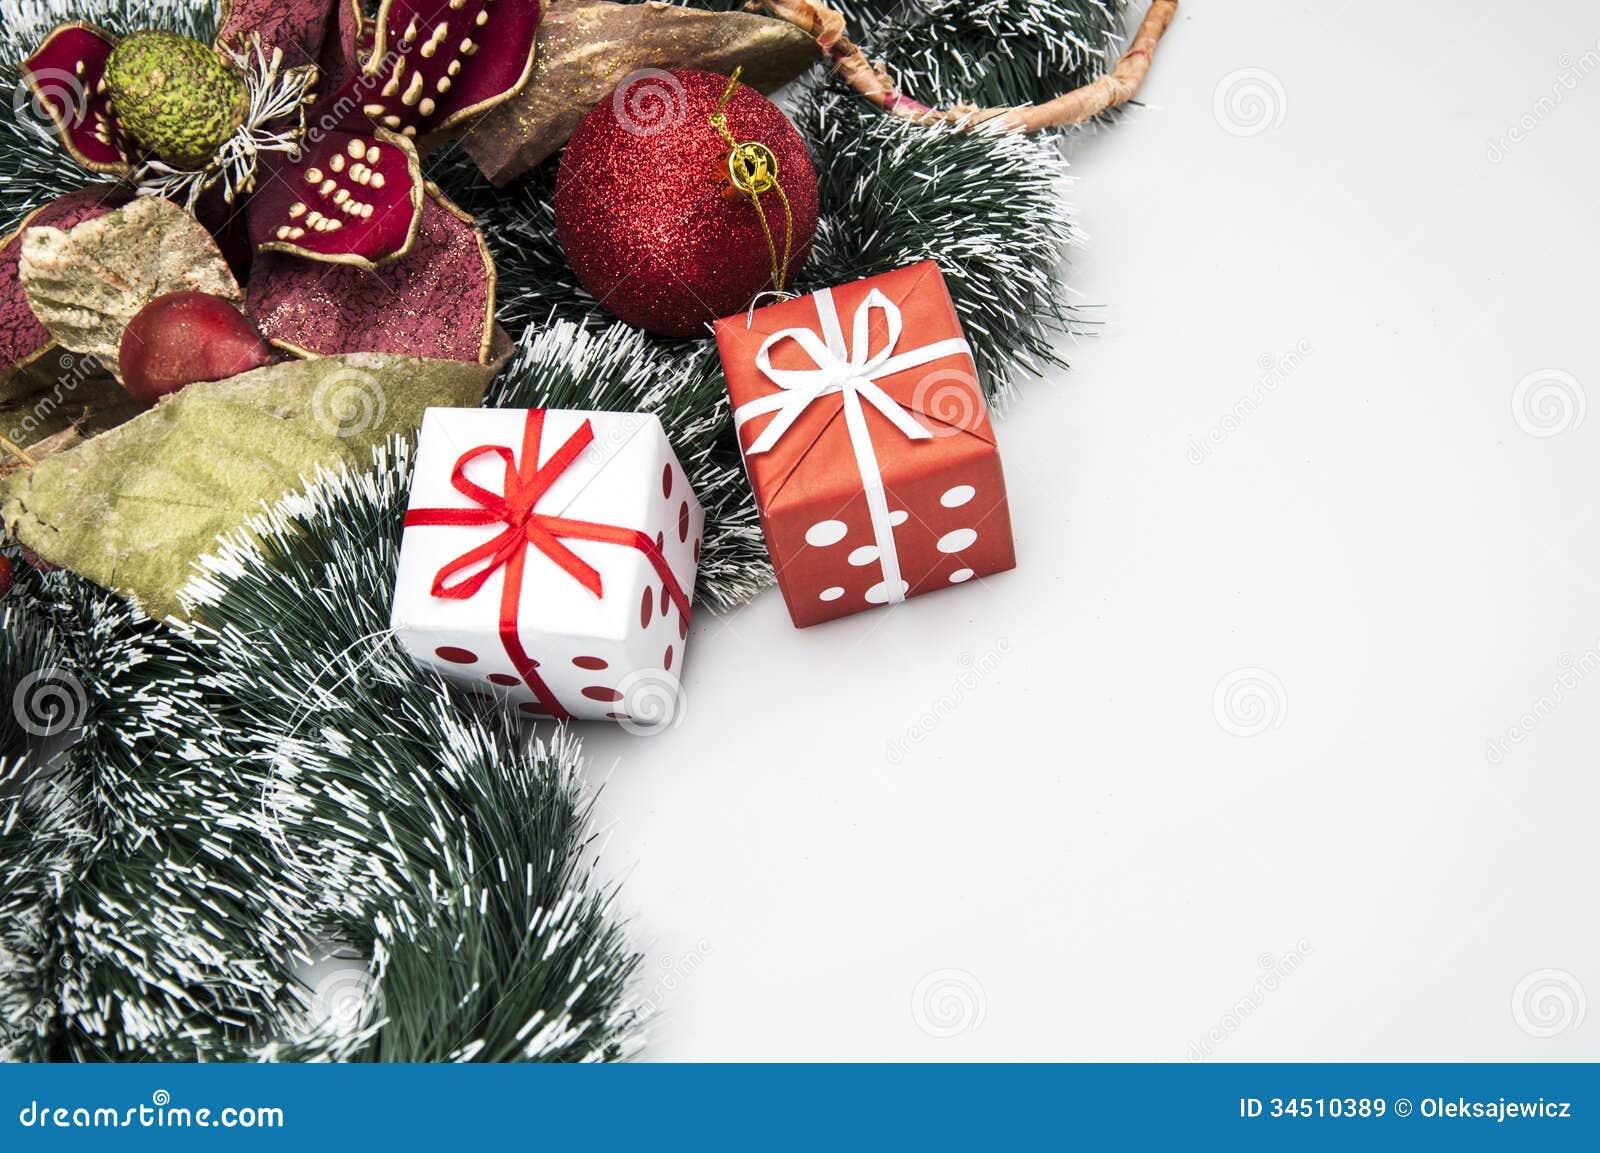 weihnachtsmotiv heller hintergrund lizenzfreie stockbilder bild 34510389. Black Bedroom Furniture Sets. Home Design Ideas